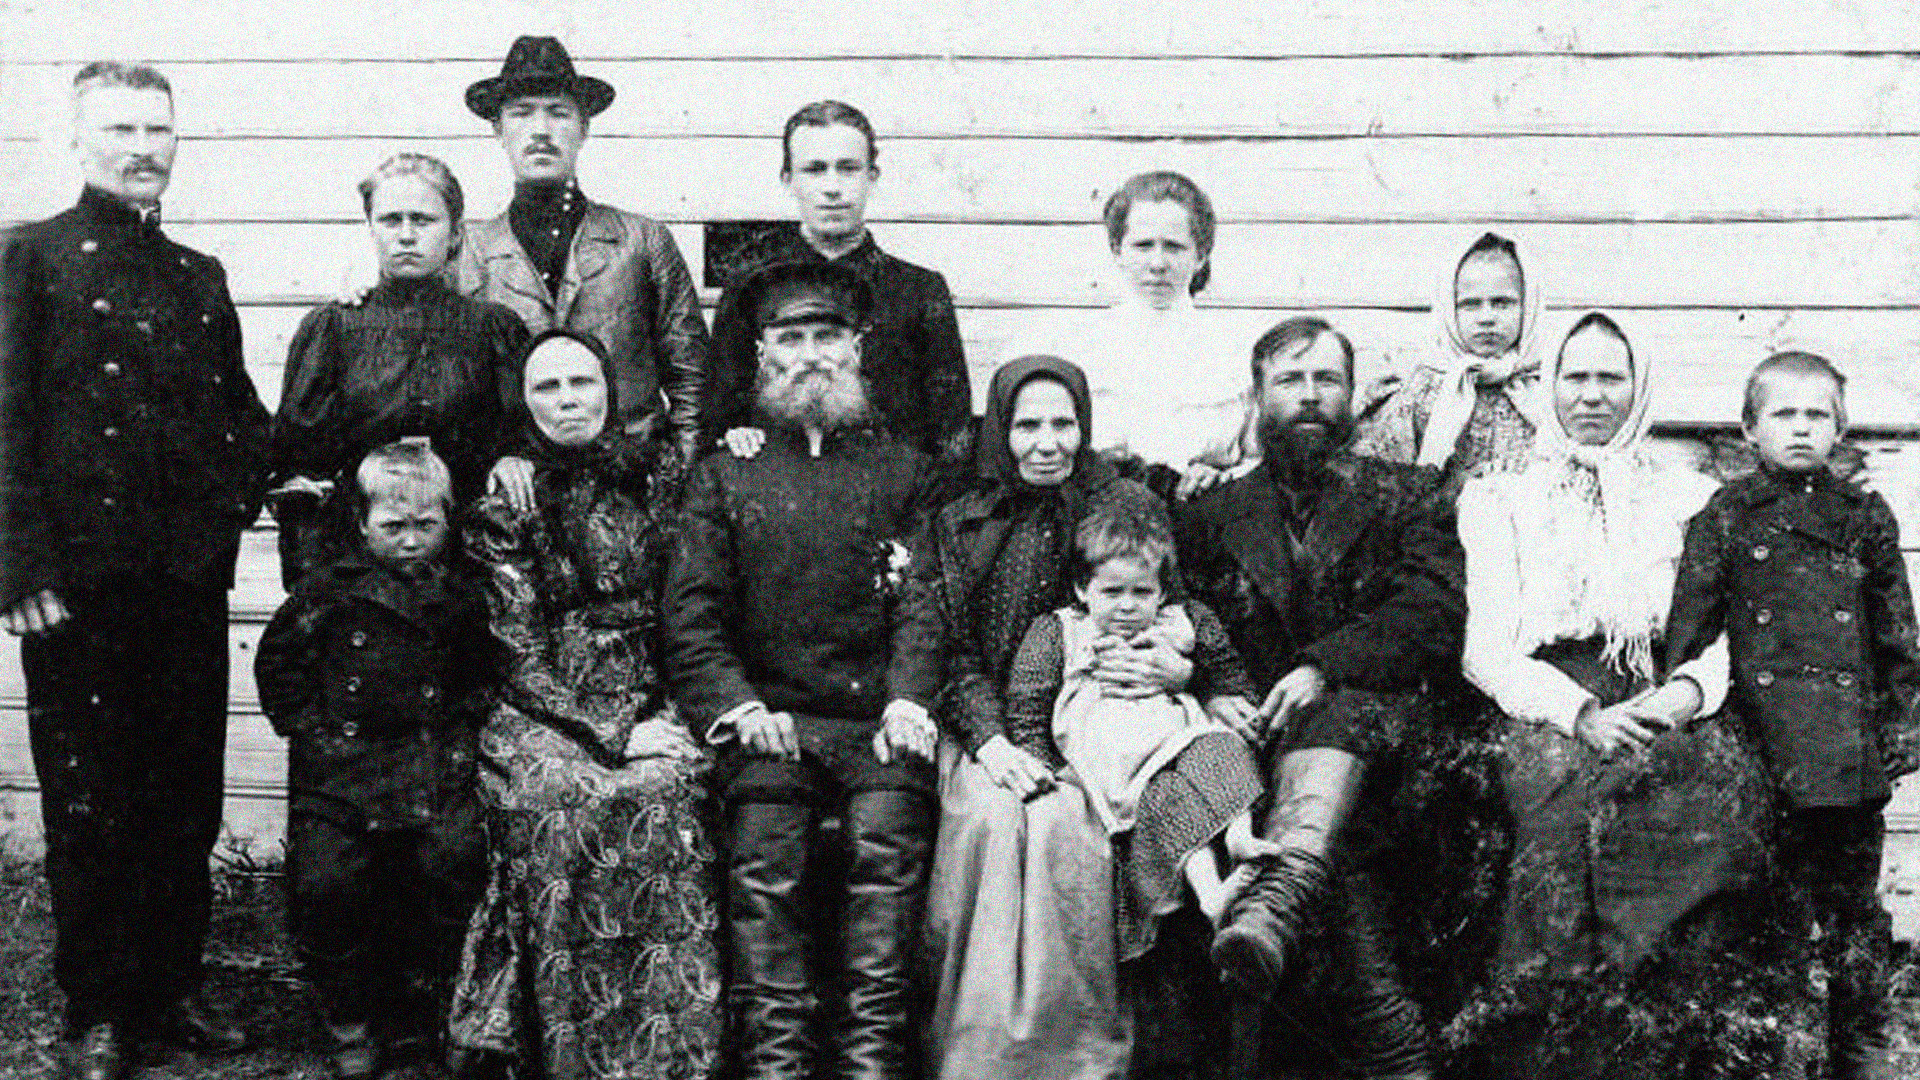 Image d'illustration. Une famille paysanne russe du début du XXe siècle